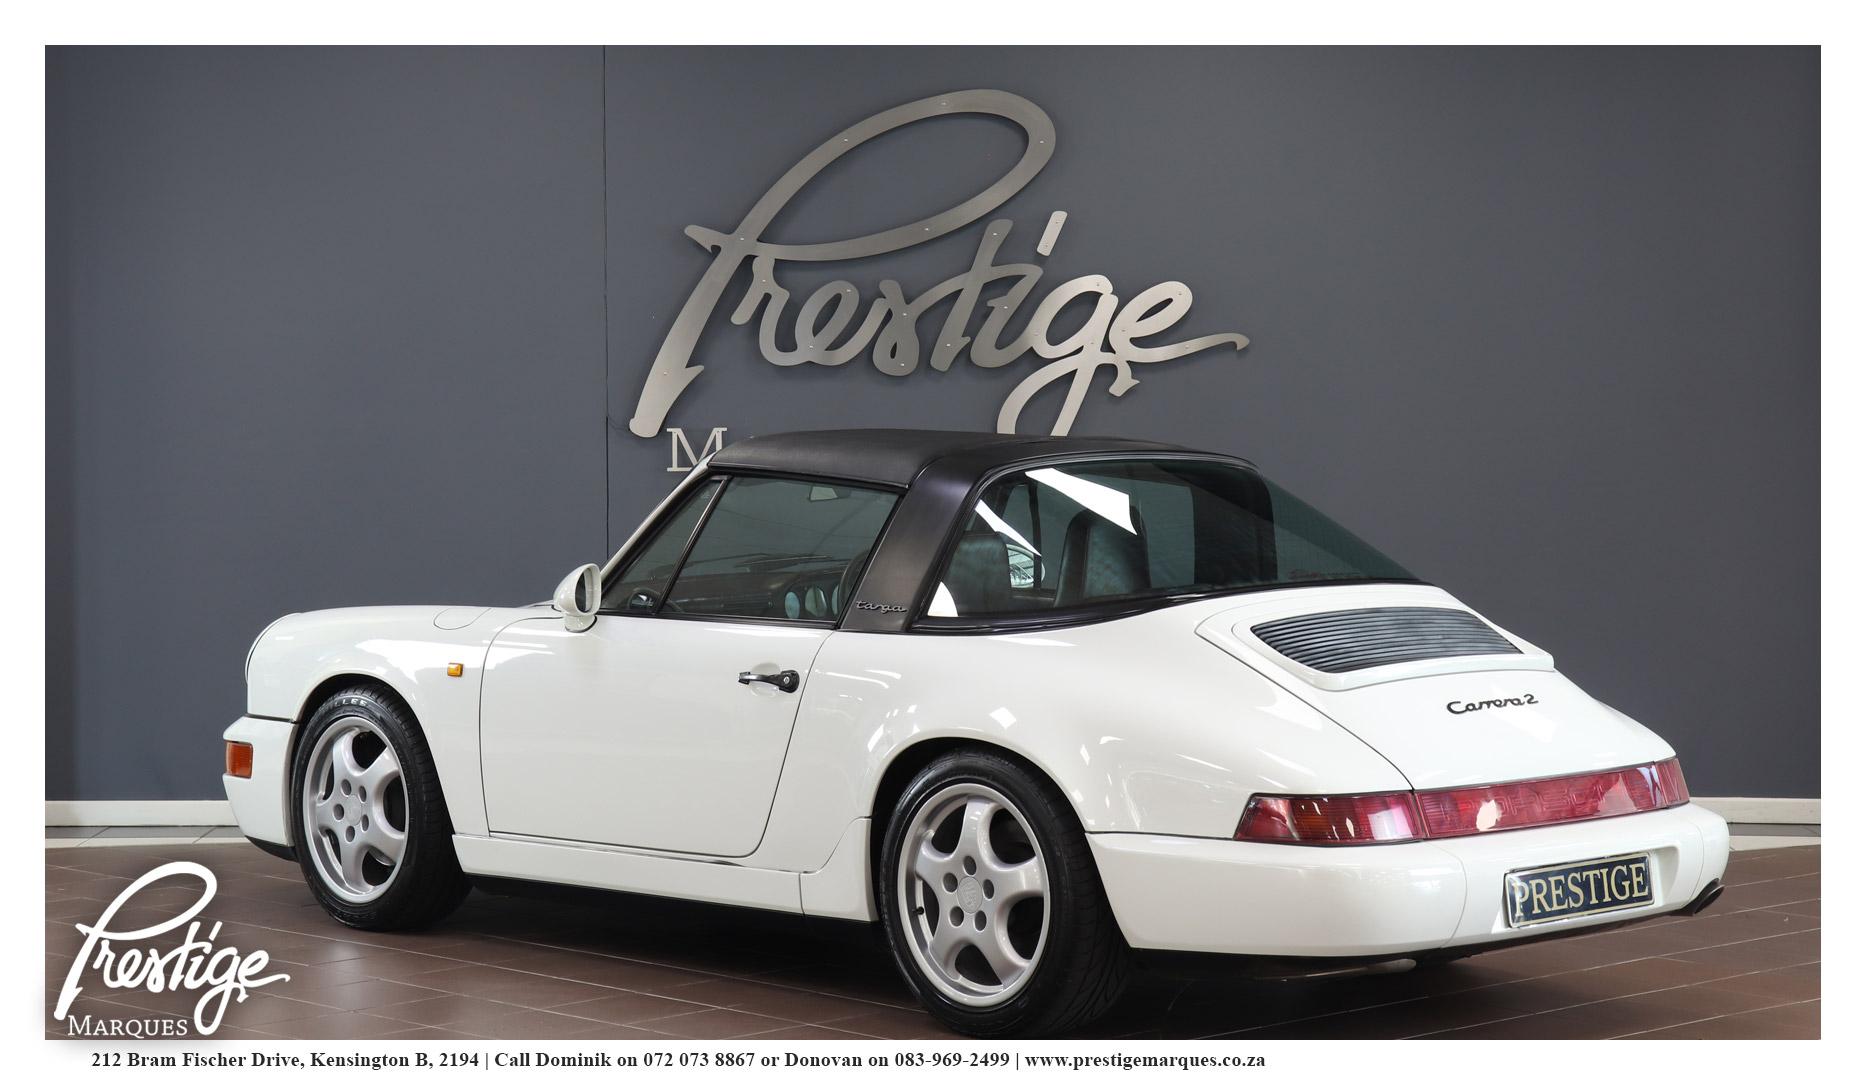 Prestige-Marques-1990-Porsche-964-Carrera 2-Manual-5